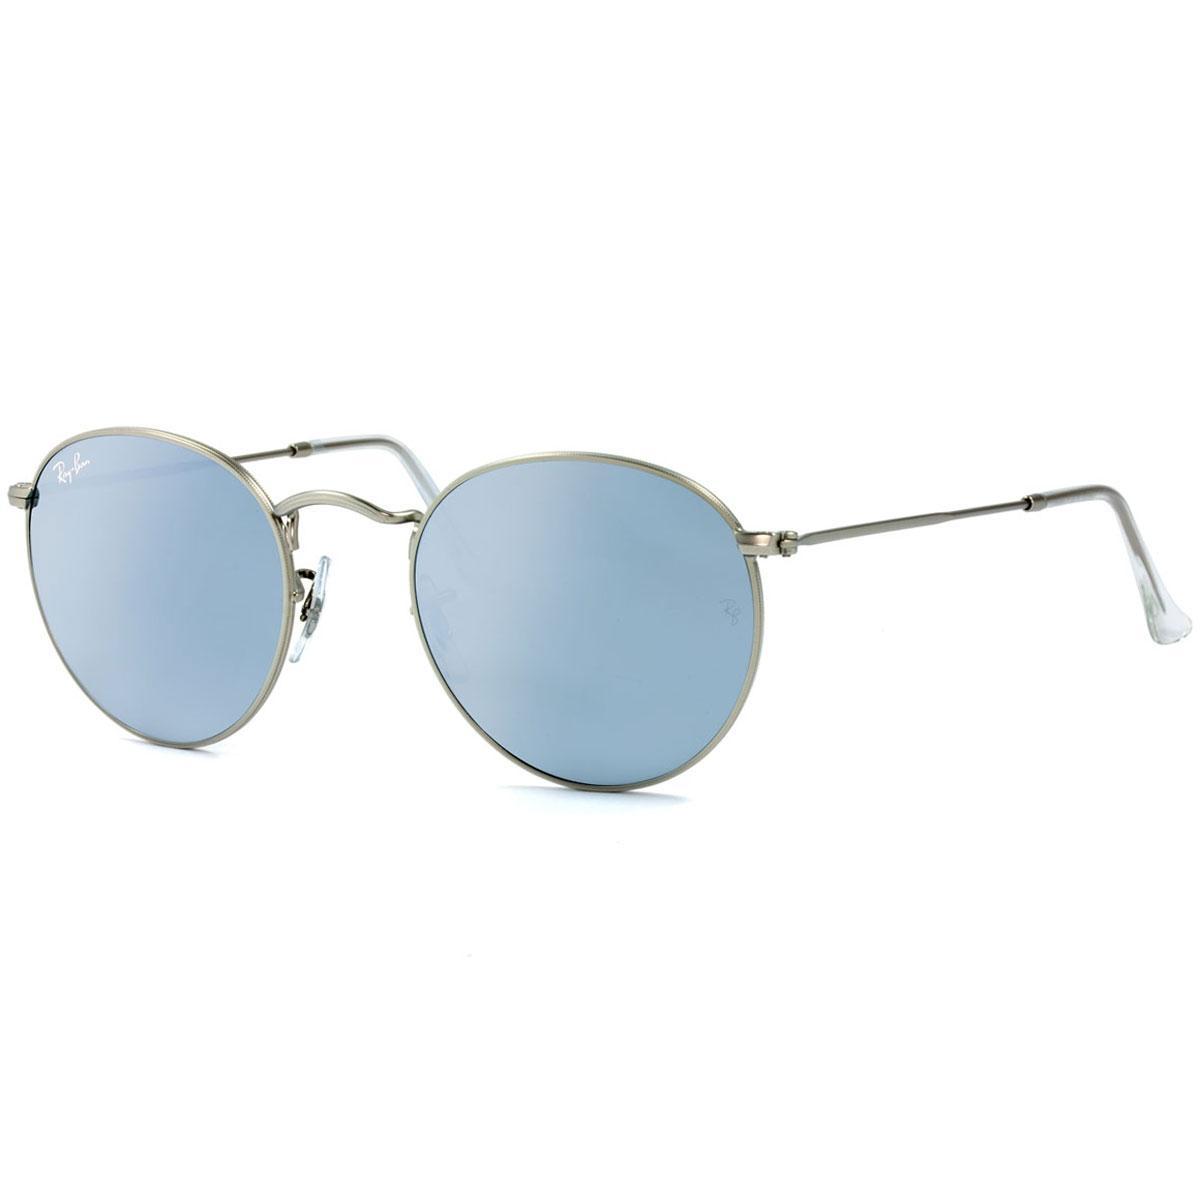 7f7ea29e2c456 Óculos de Sol Ray-Ban Round Metal RB3447L 019 30 53 - Óculos de Sol -  Magazine Luiza